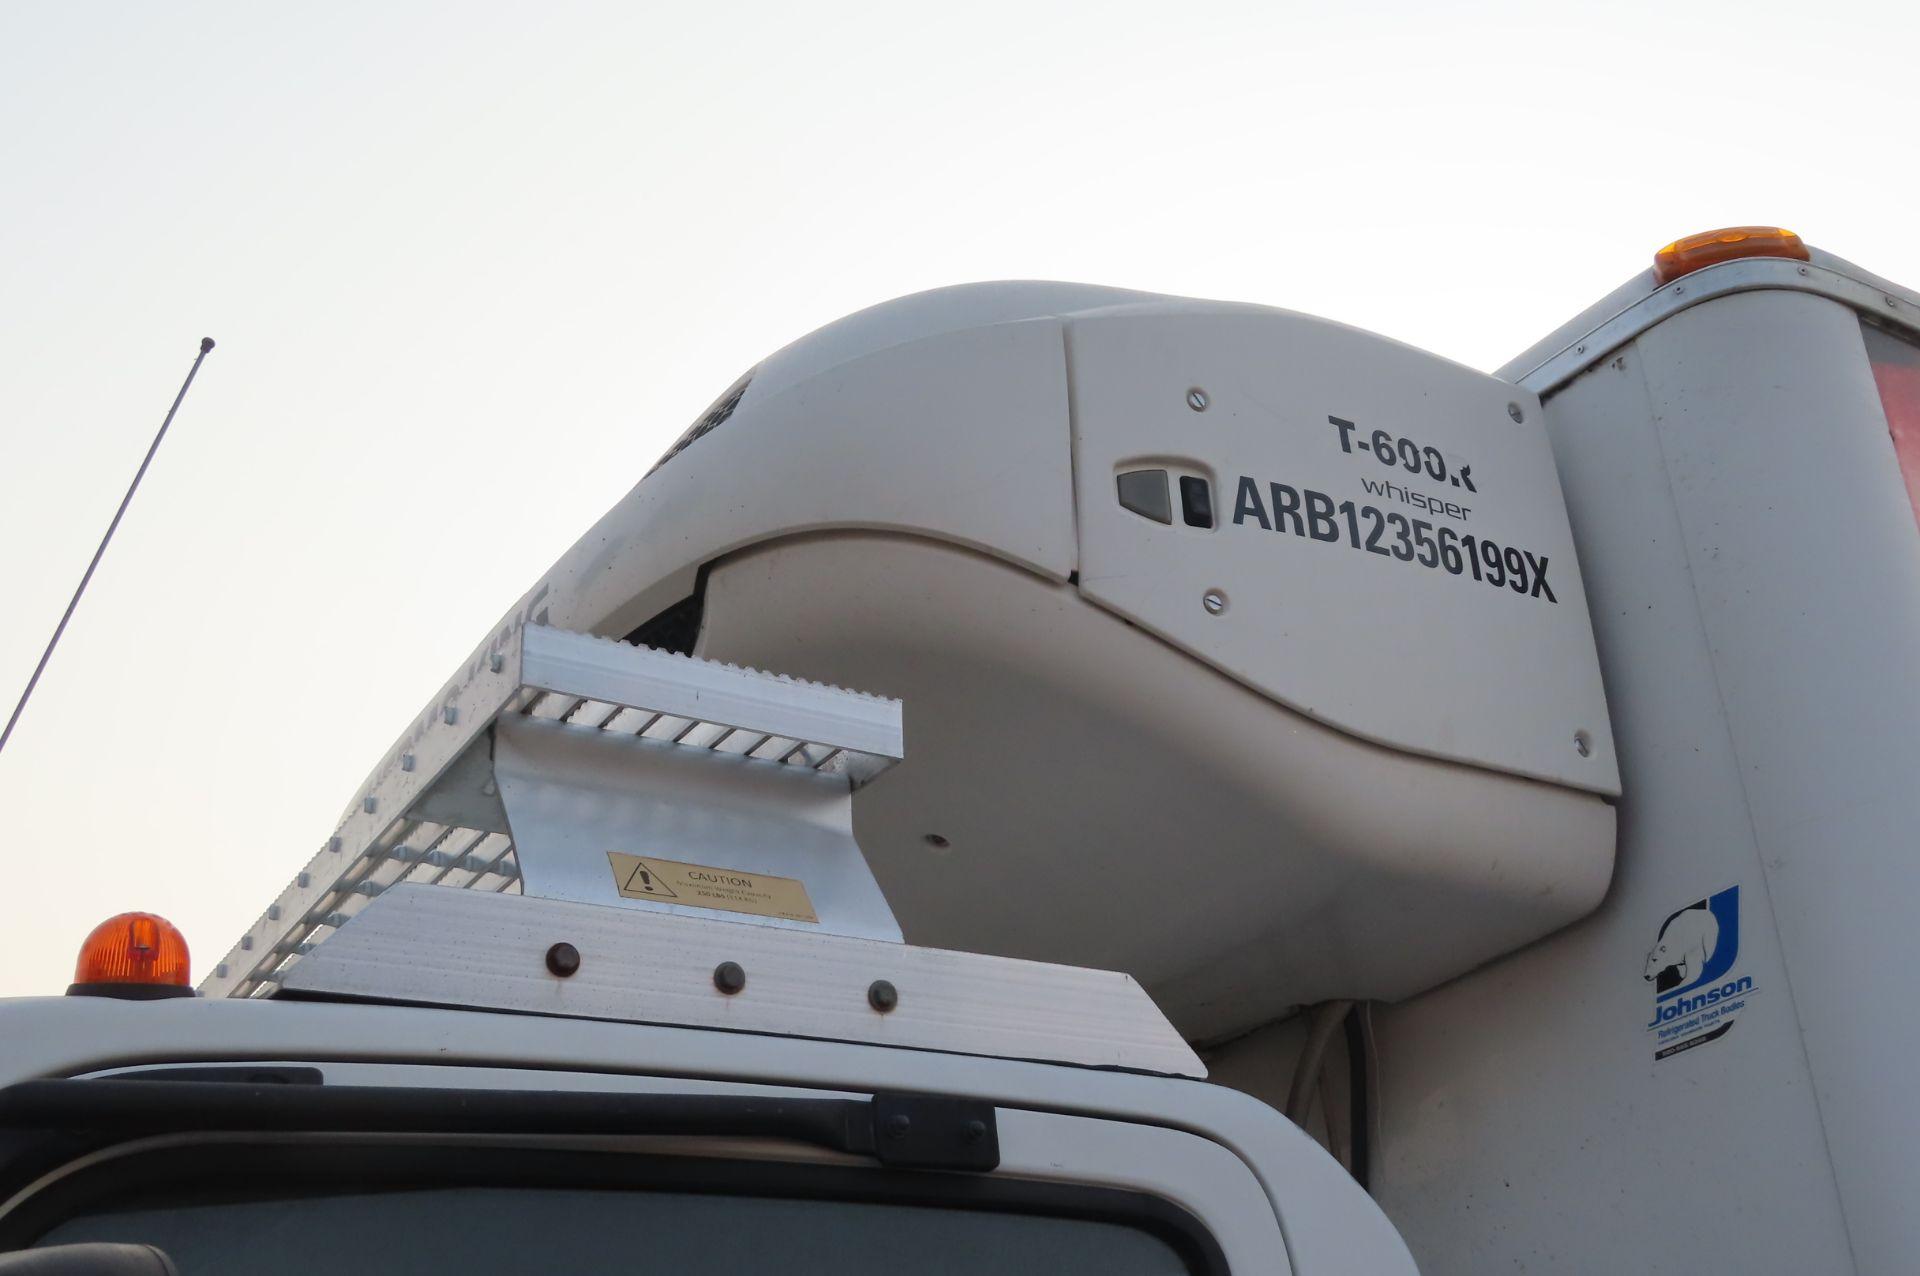 2013 Isuzu refrigerated truck - Image 9 of 10